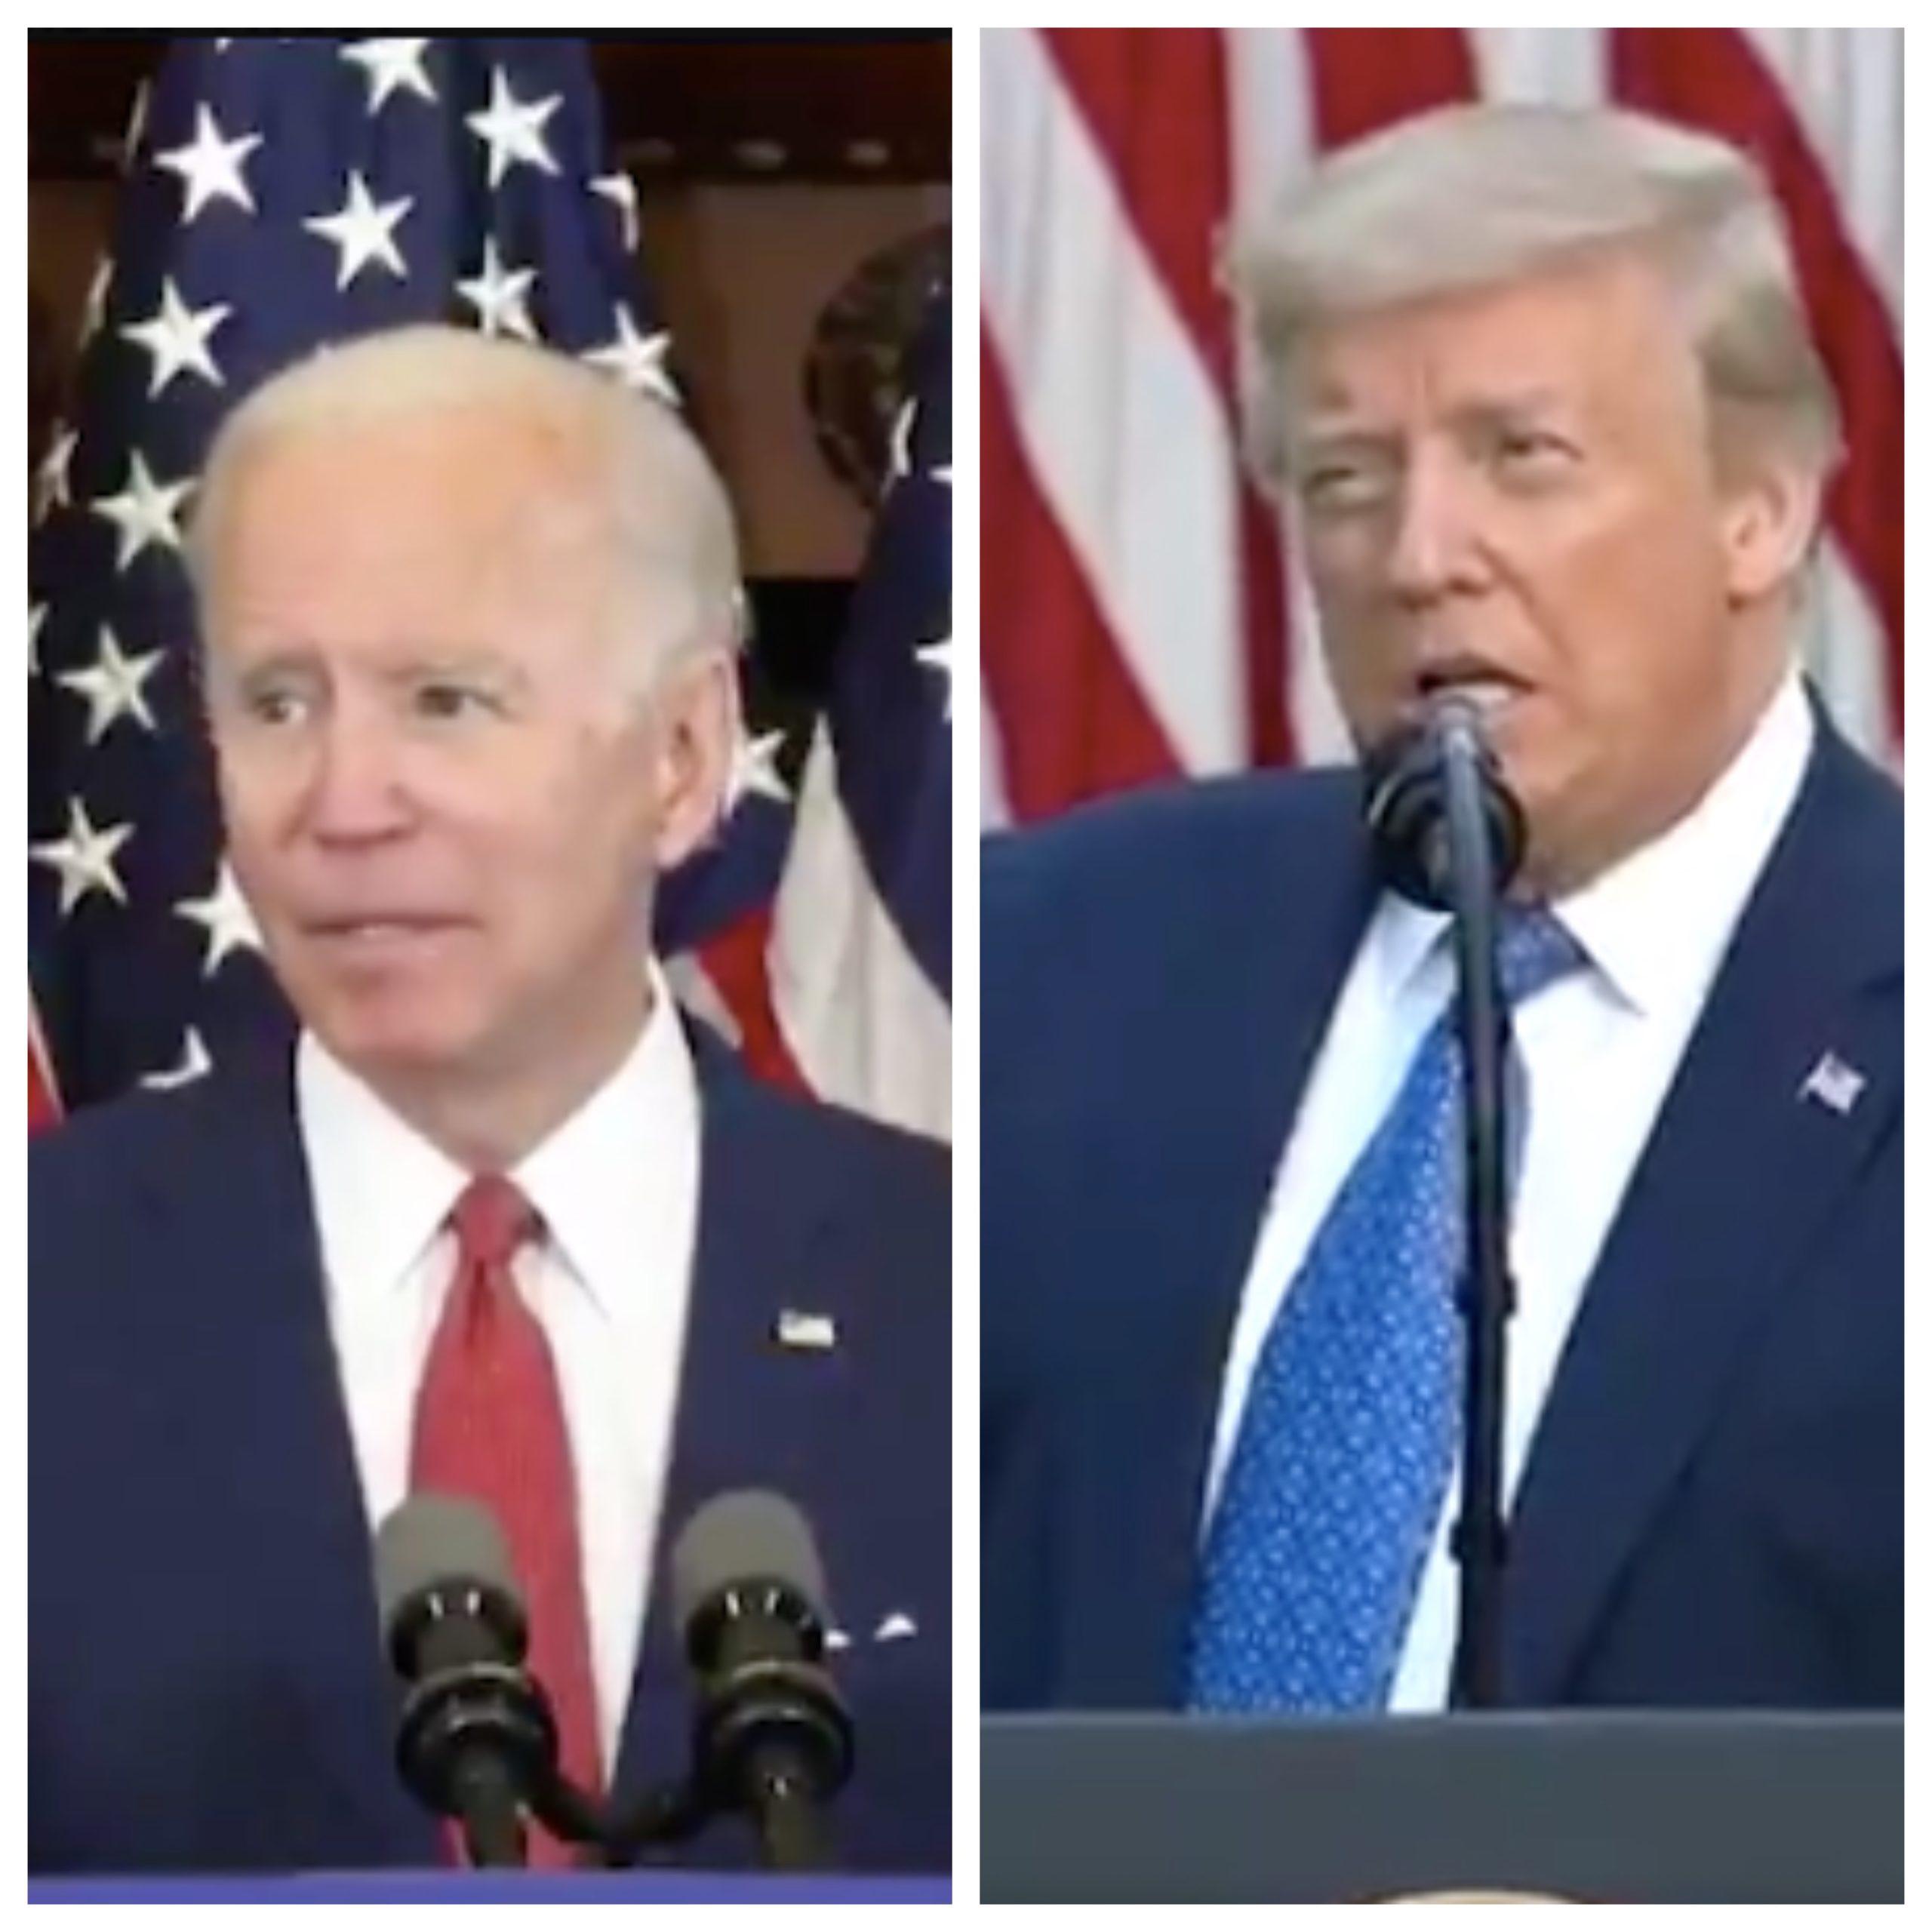 Biden distanzia Trump: vittoria facile o sogno di mezza estate?